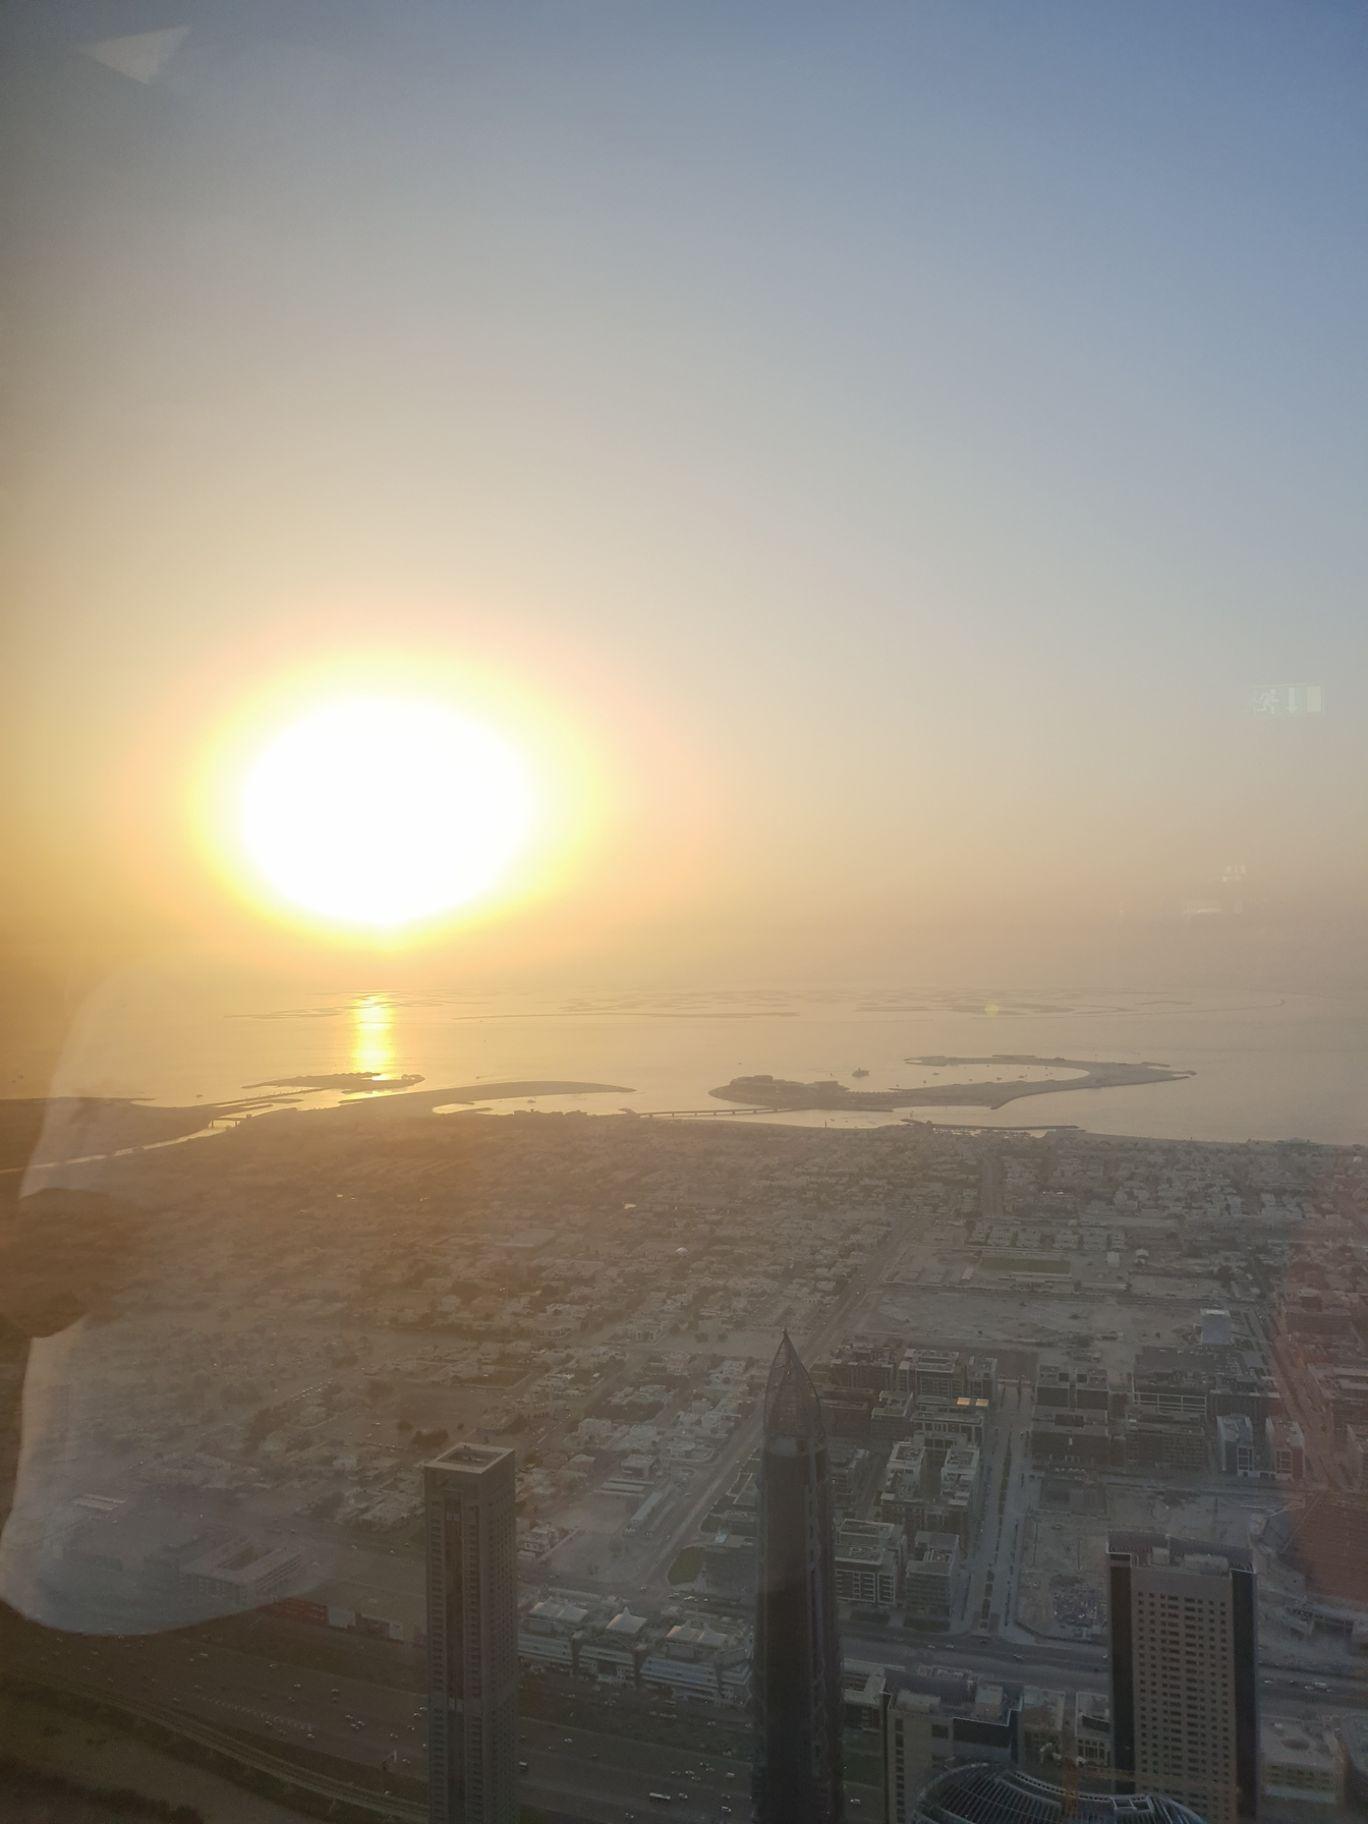 Photo of Dubai By Prabhu Kumar Dharanikota